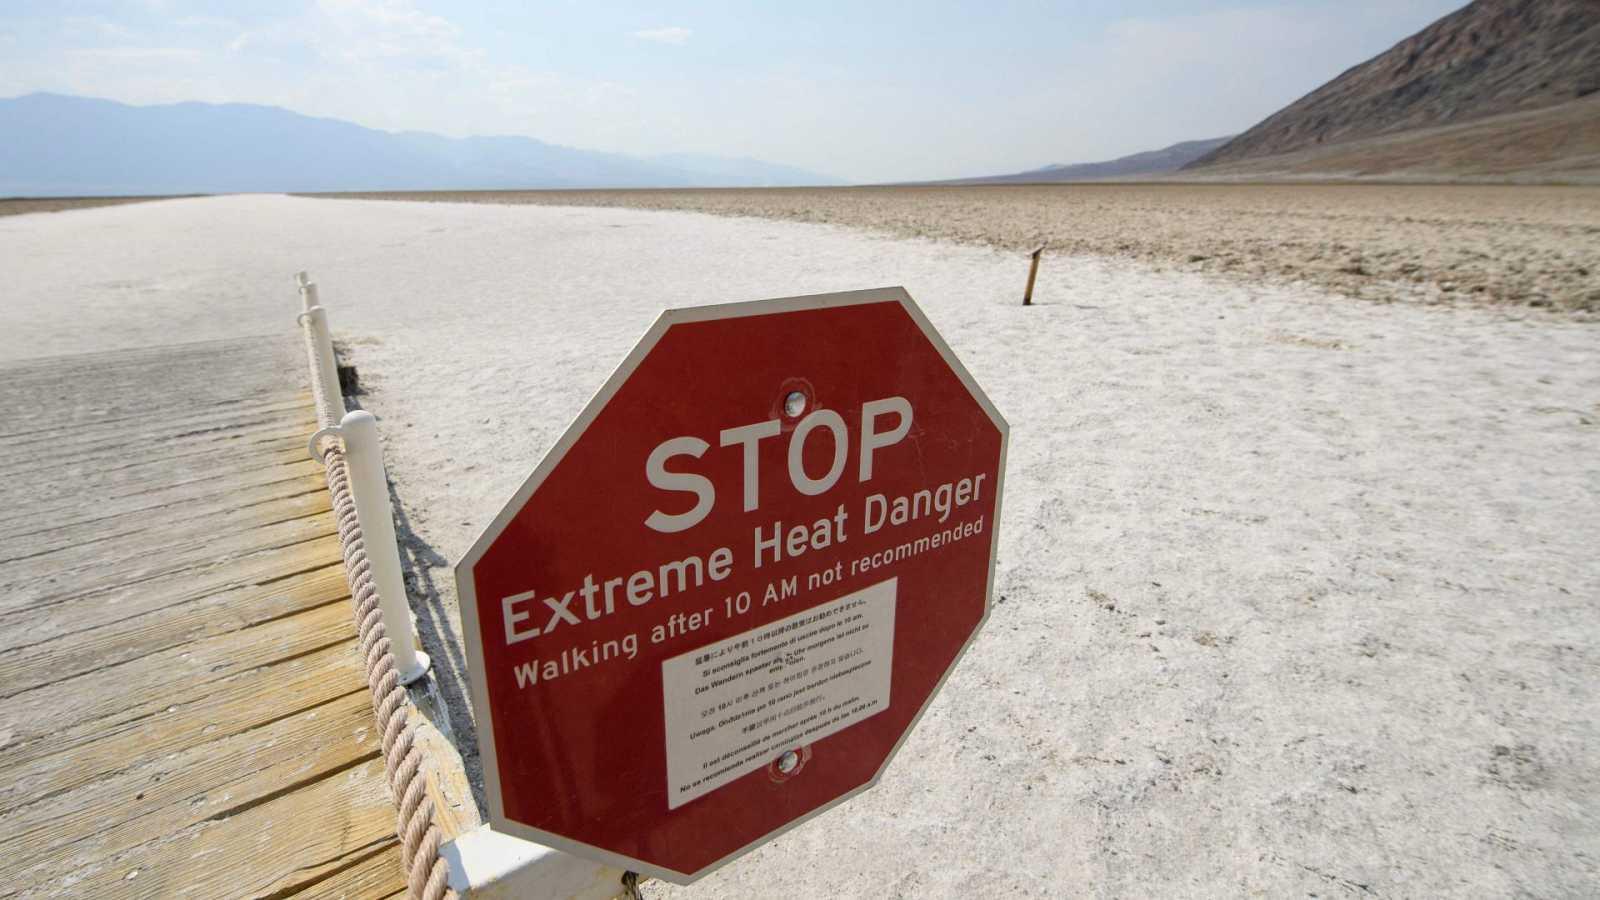 Un cartel recomienda no caminar en el Parque Nacional de Death Valley (California) después de las 10.00 de la mañana por el calor